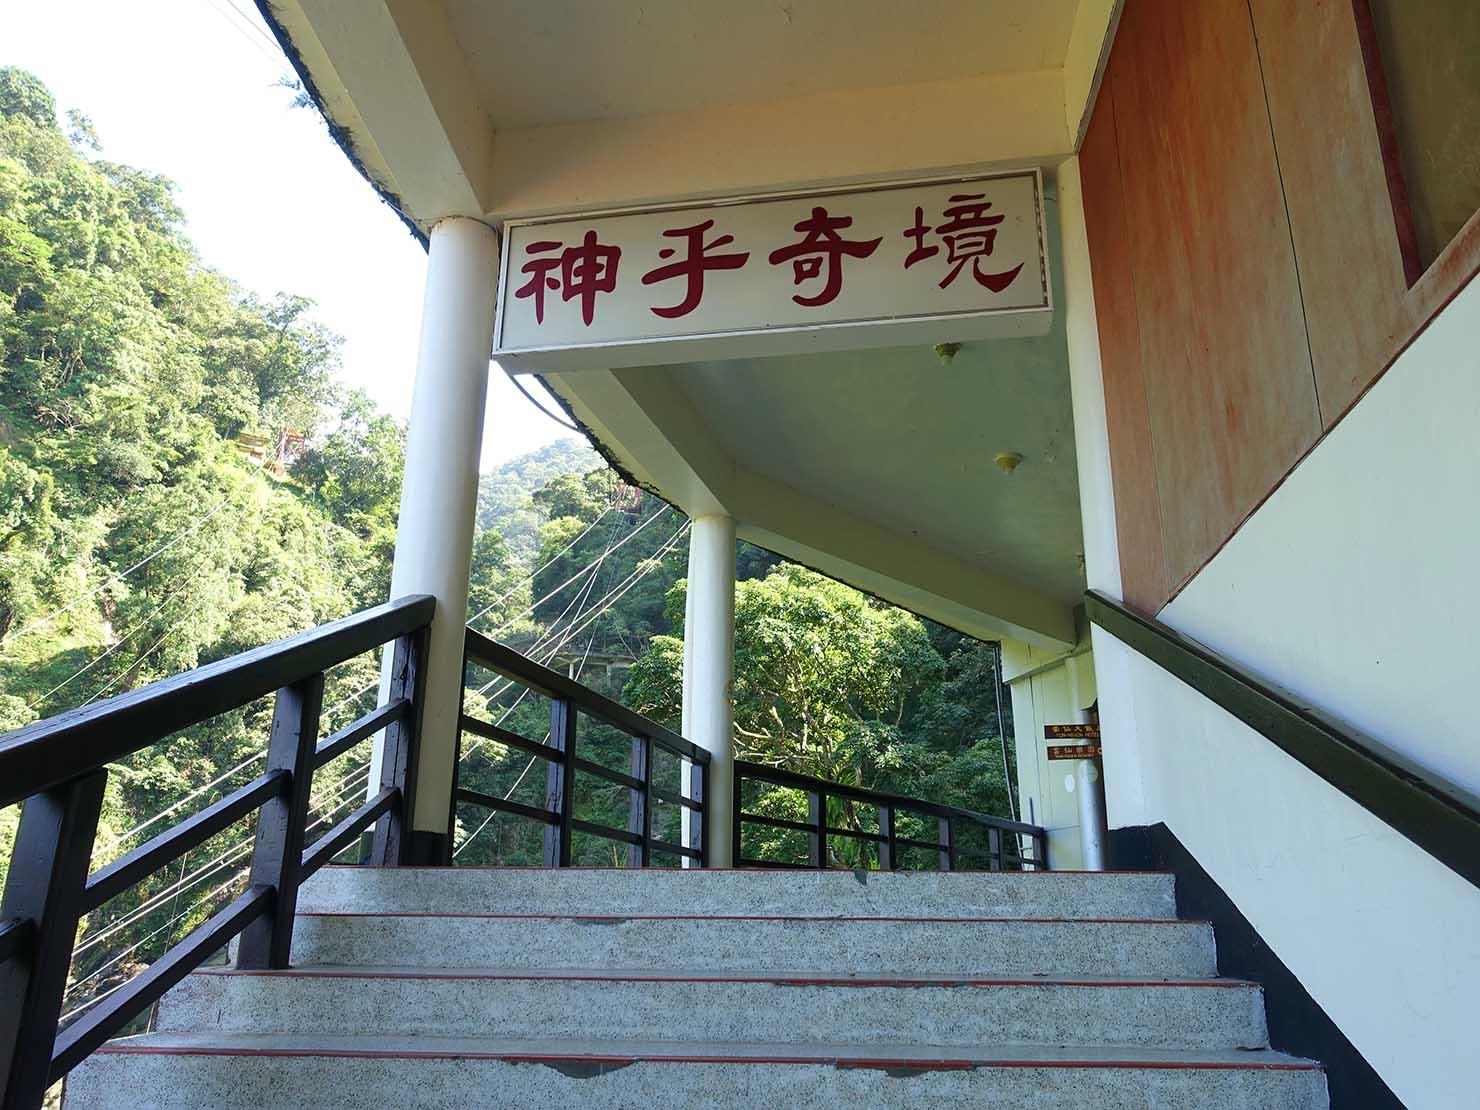 台北・烏來温泉から行けるテーマパーク「雲仙樂園」へと続く階段